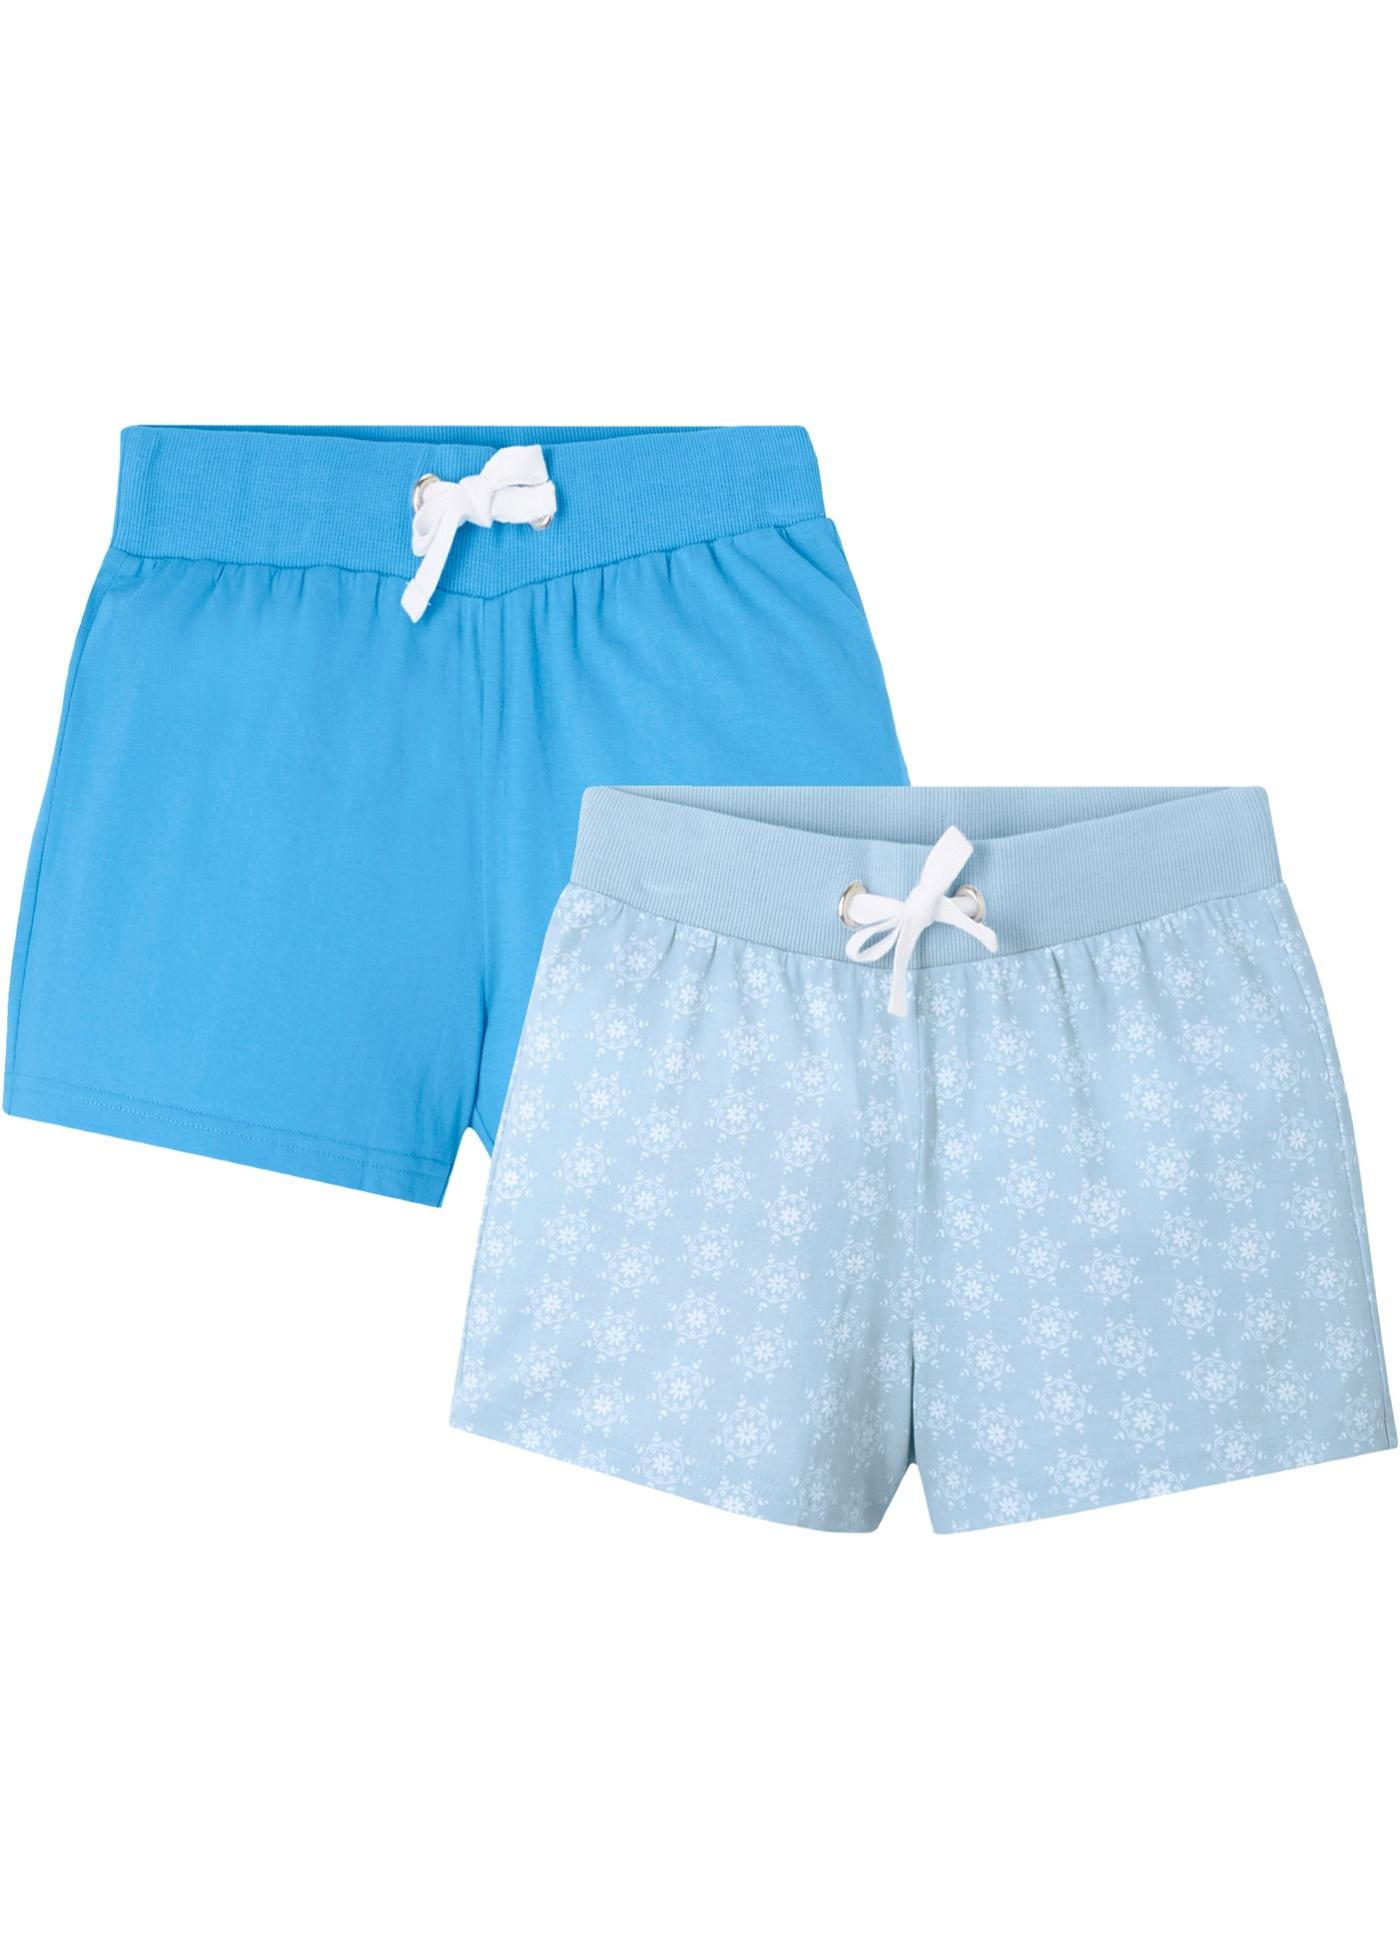 Mädchen Shorts (2er-Pack) aus Bio-Baumwolle